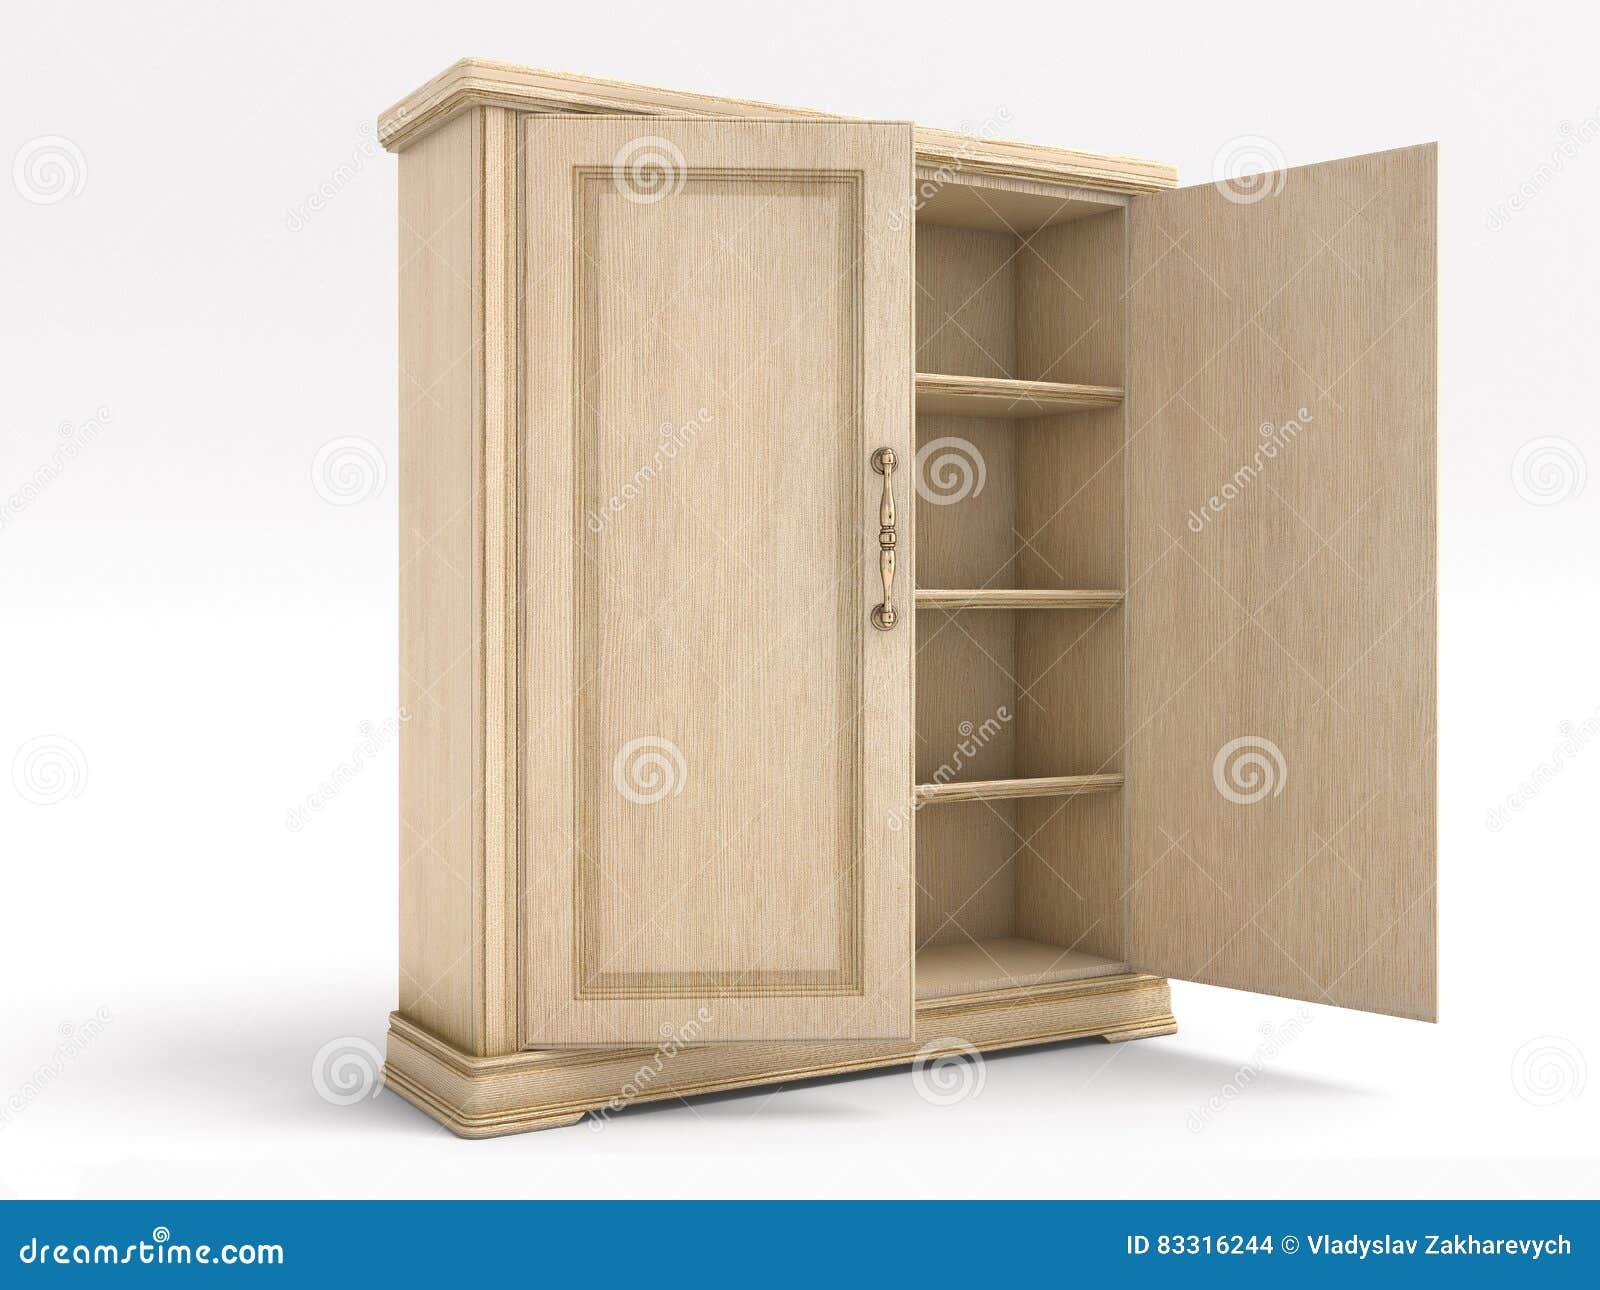 Houten Open Kast : Houten grote witte open kast stock illustratie illustratie